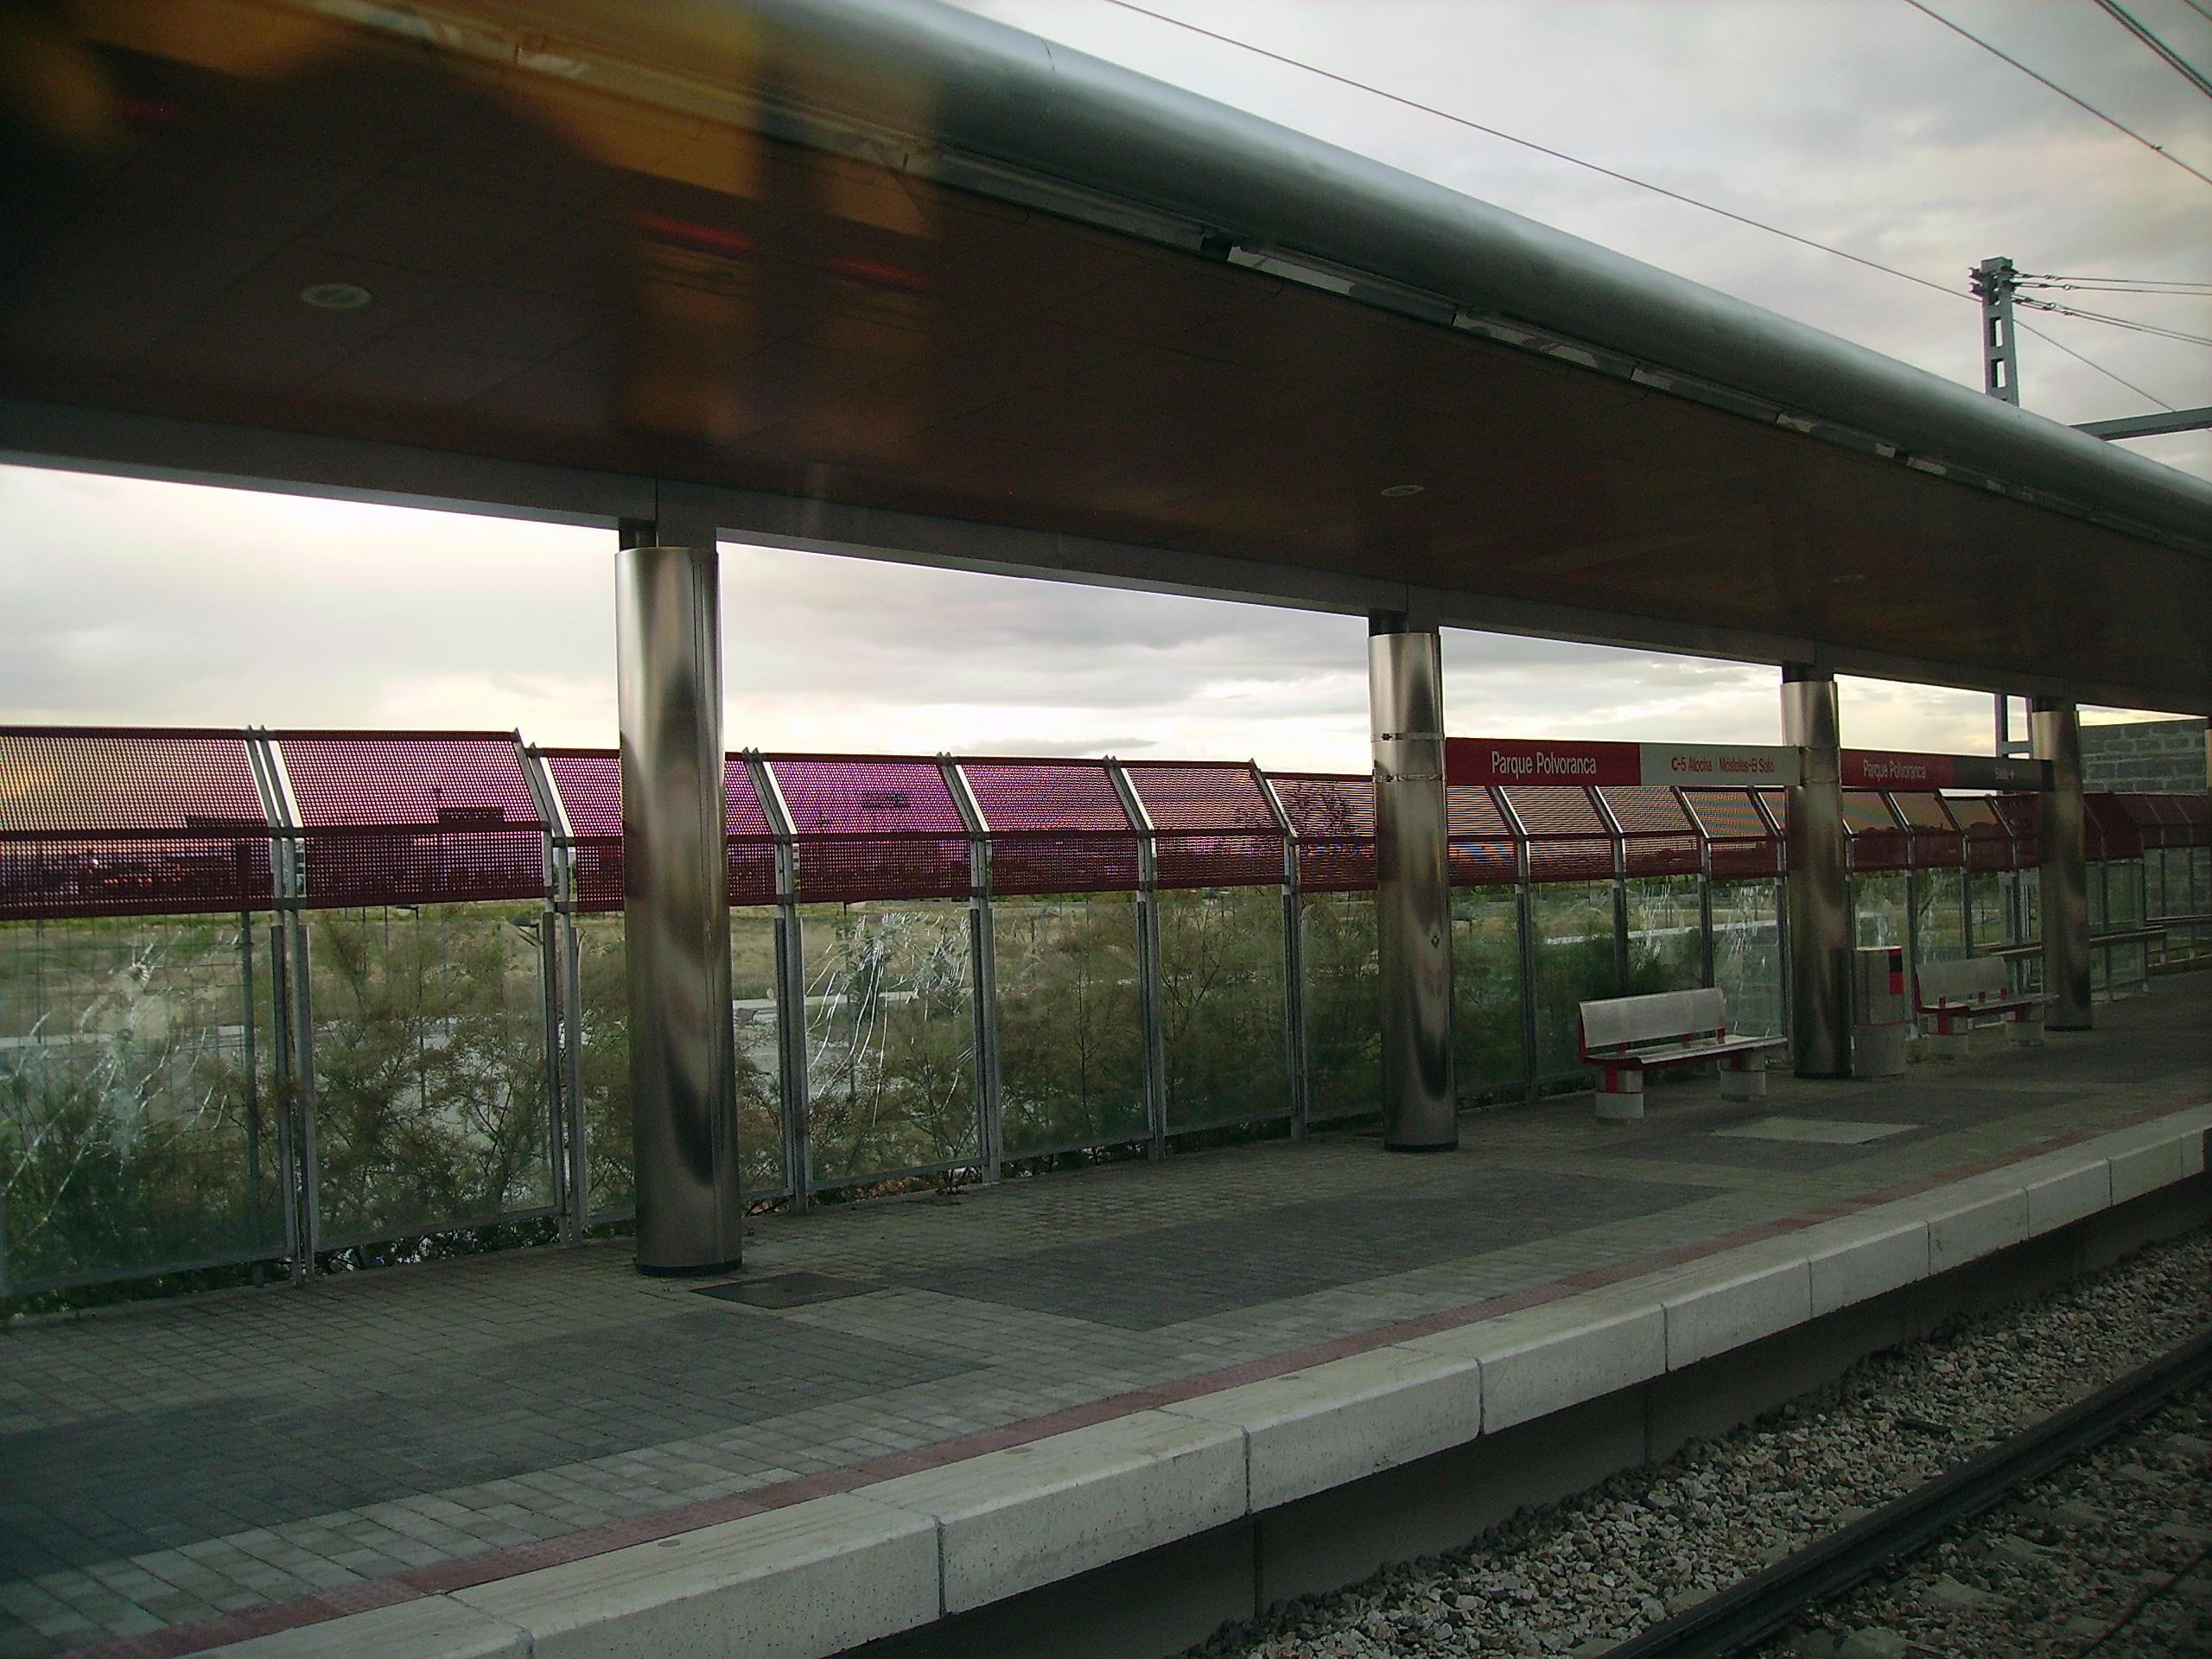 Estación de Parque Polvoranca